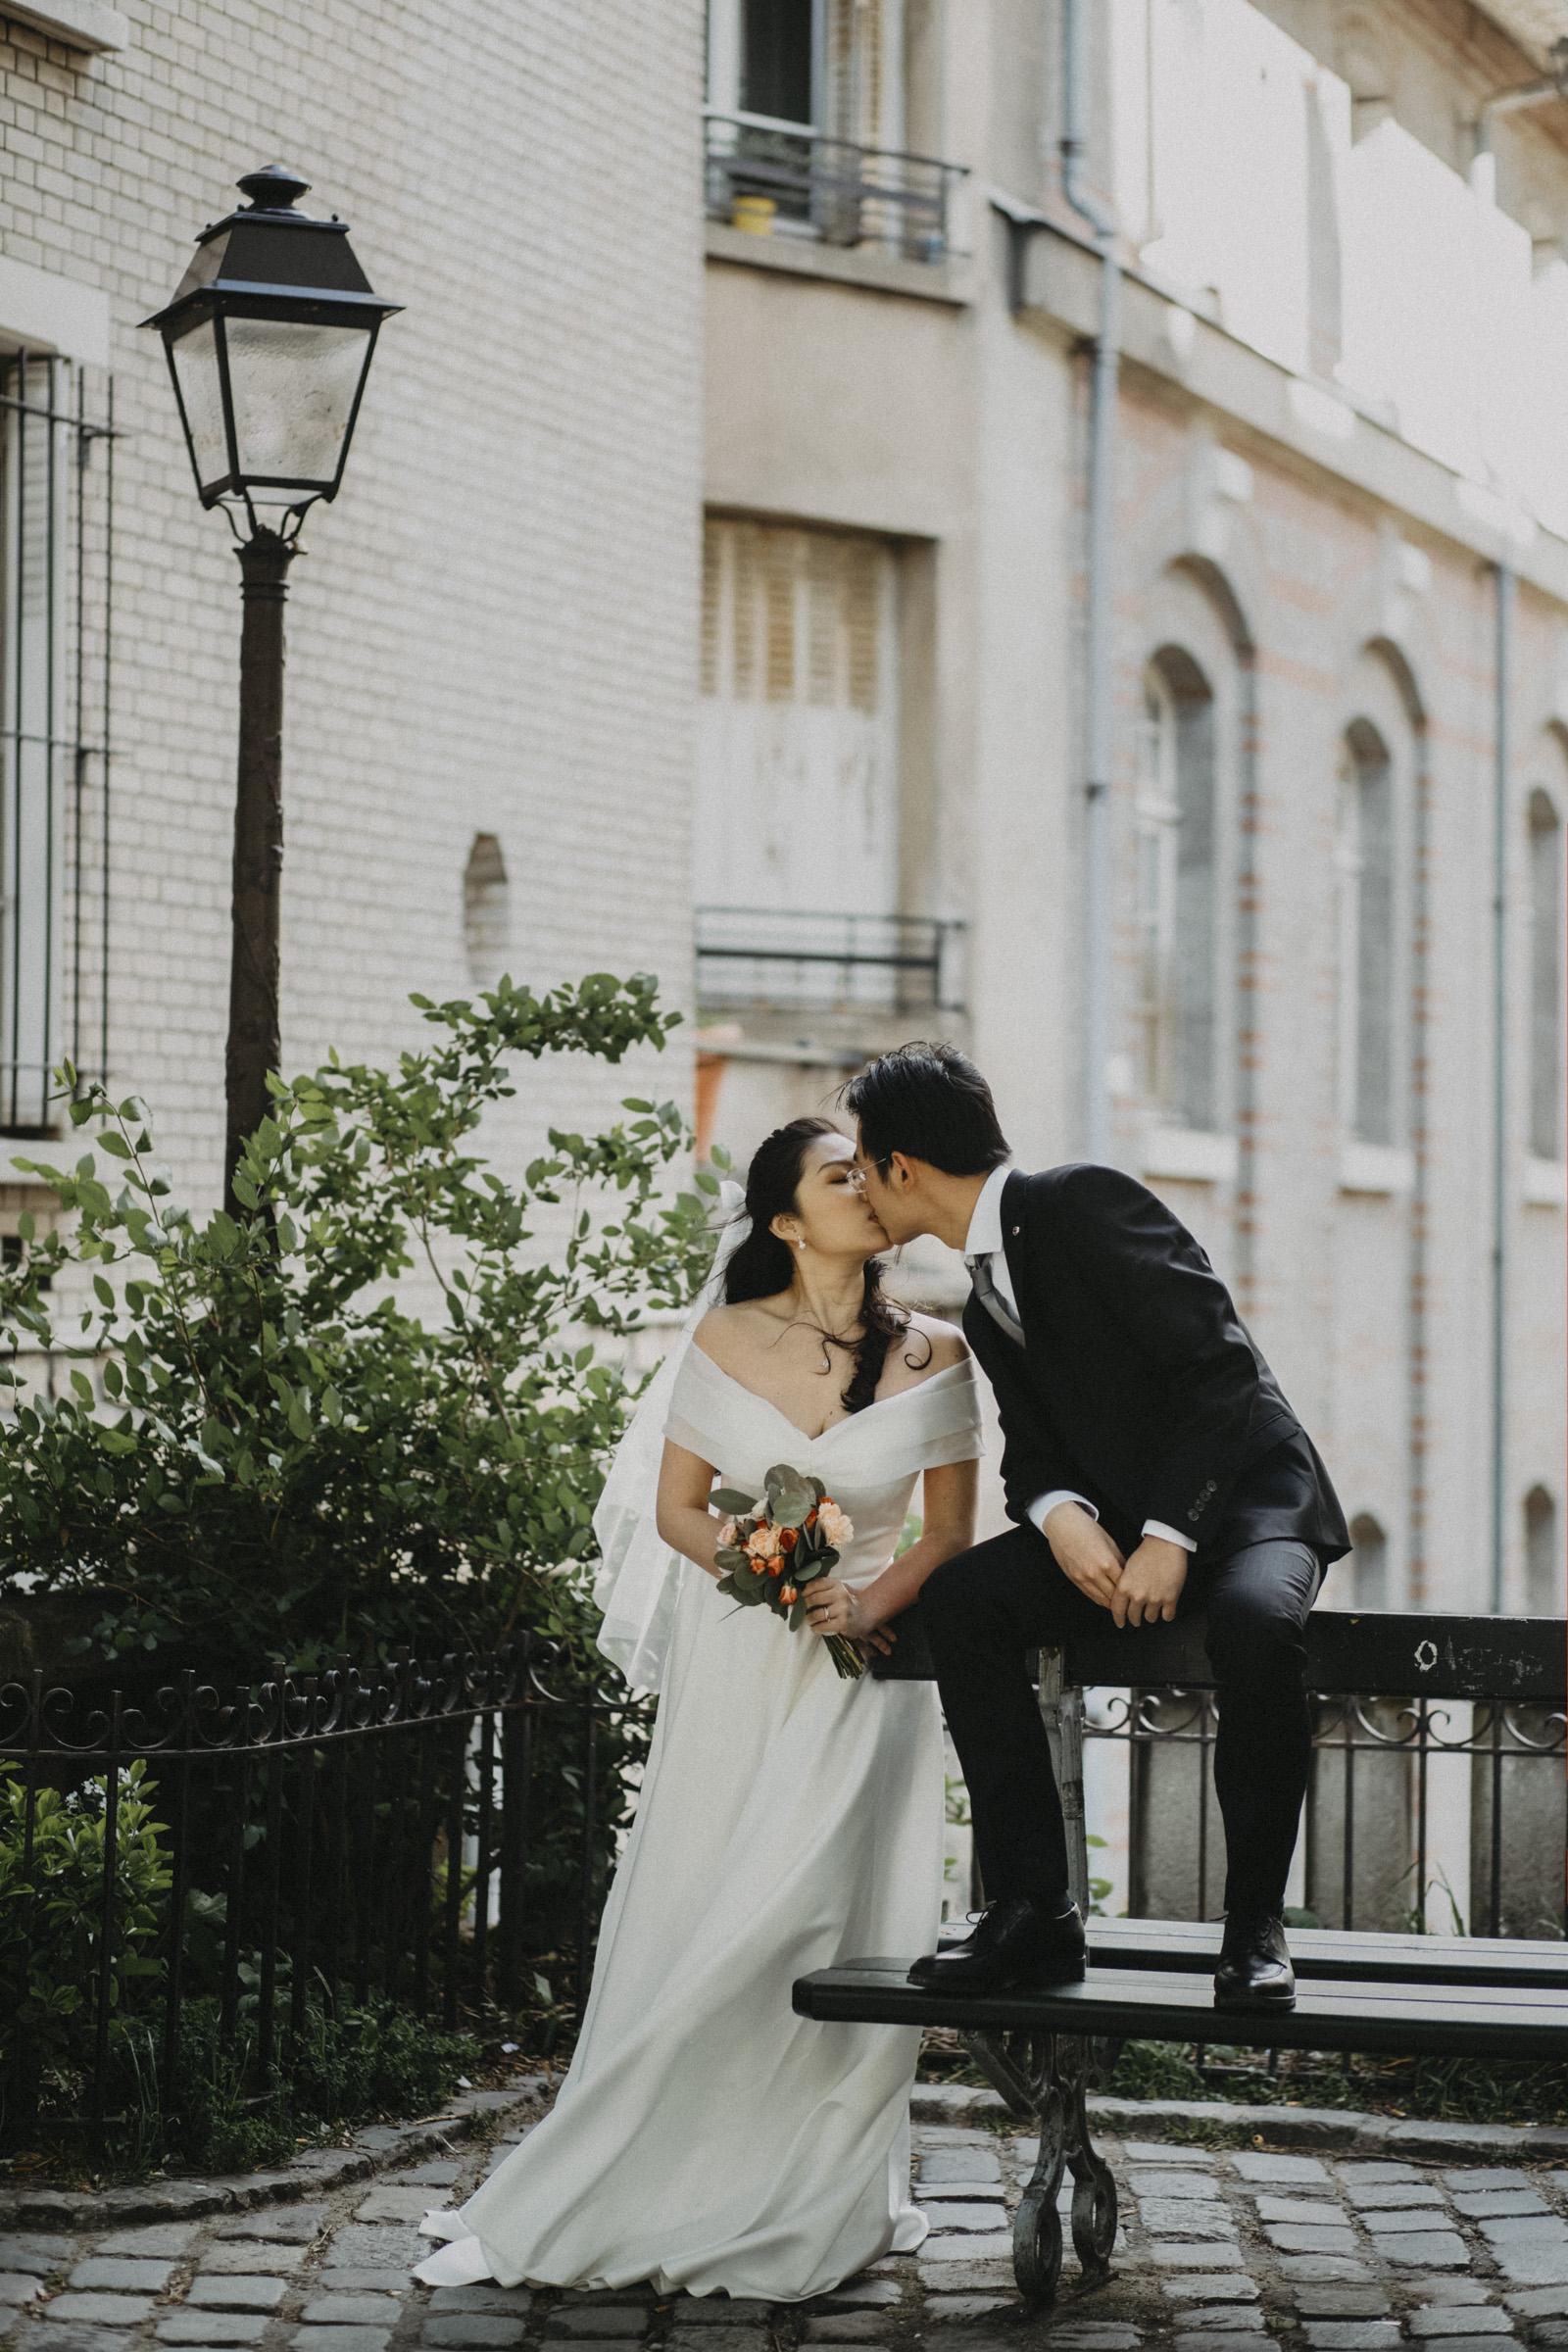 pre-wedding-photos-kissing